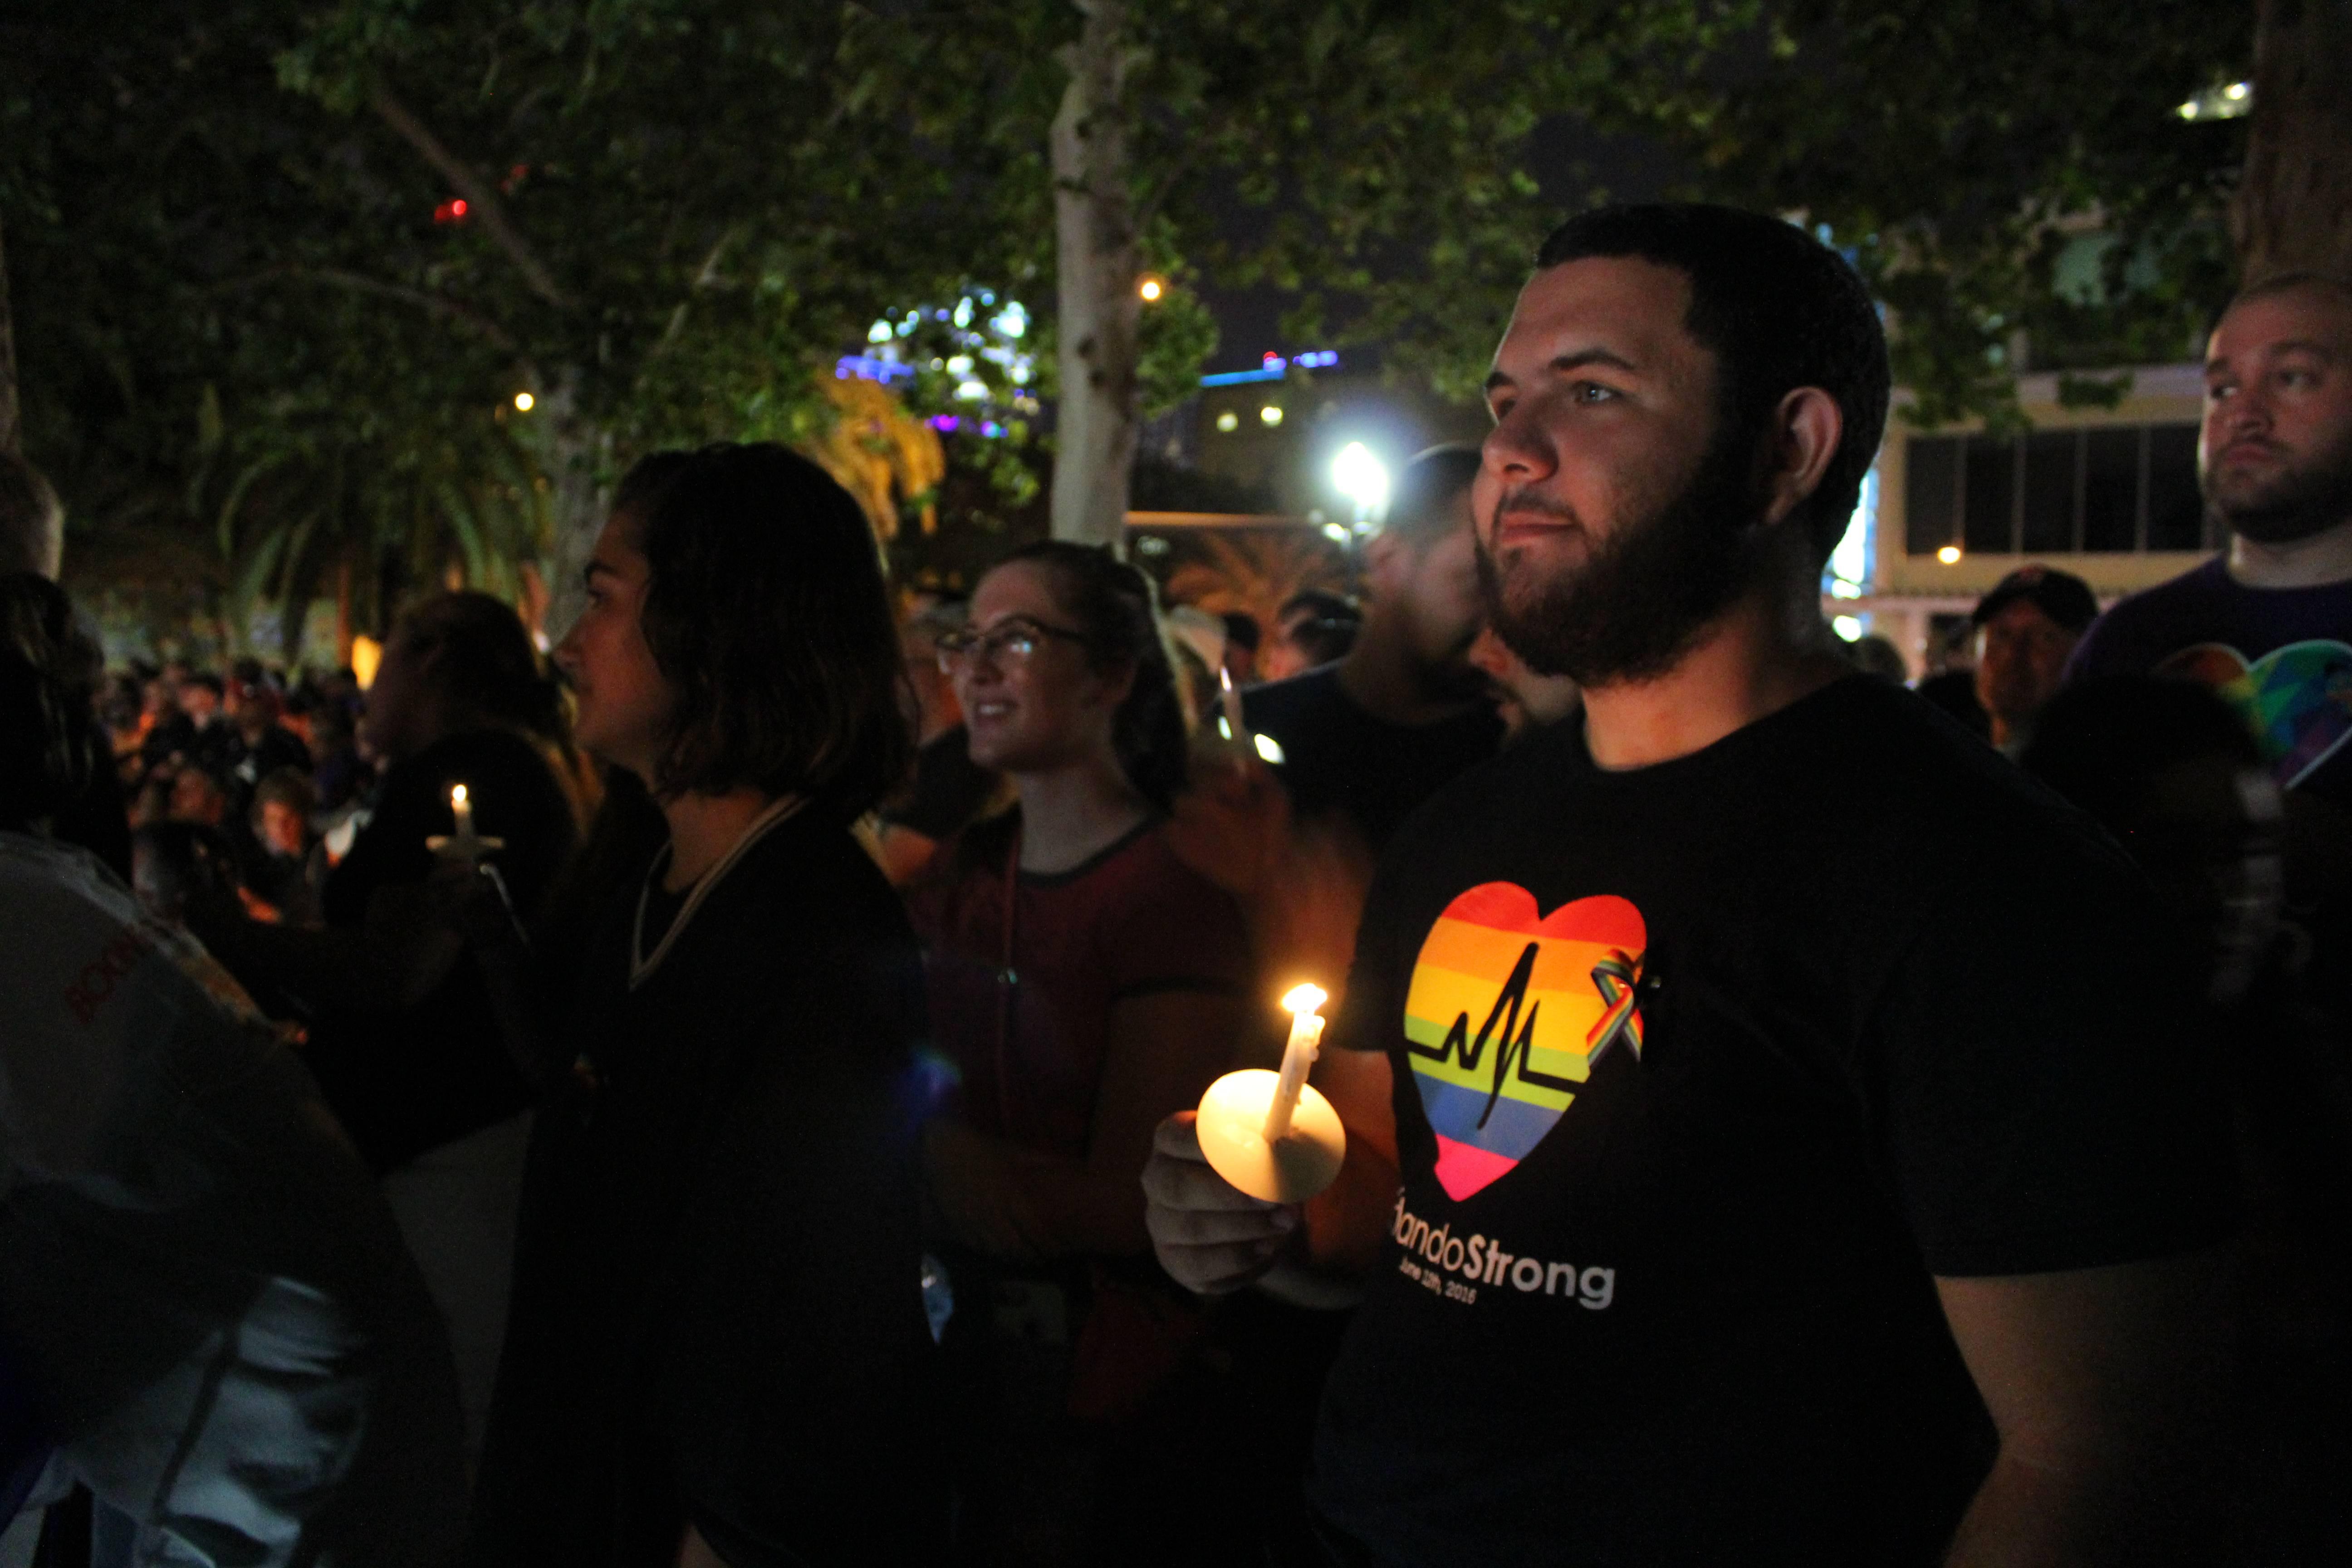 Antes de la vigilia de cierre frente a Pulse, miles de personas se dieron cita en el Parque Lake Eola, en conmemoración de las 49 víctimas. Allí también estuvieron los familiares de los fallecidos y los sobrevivientes de la tragedia. / Foto David Cordero Mercado